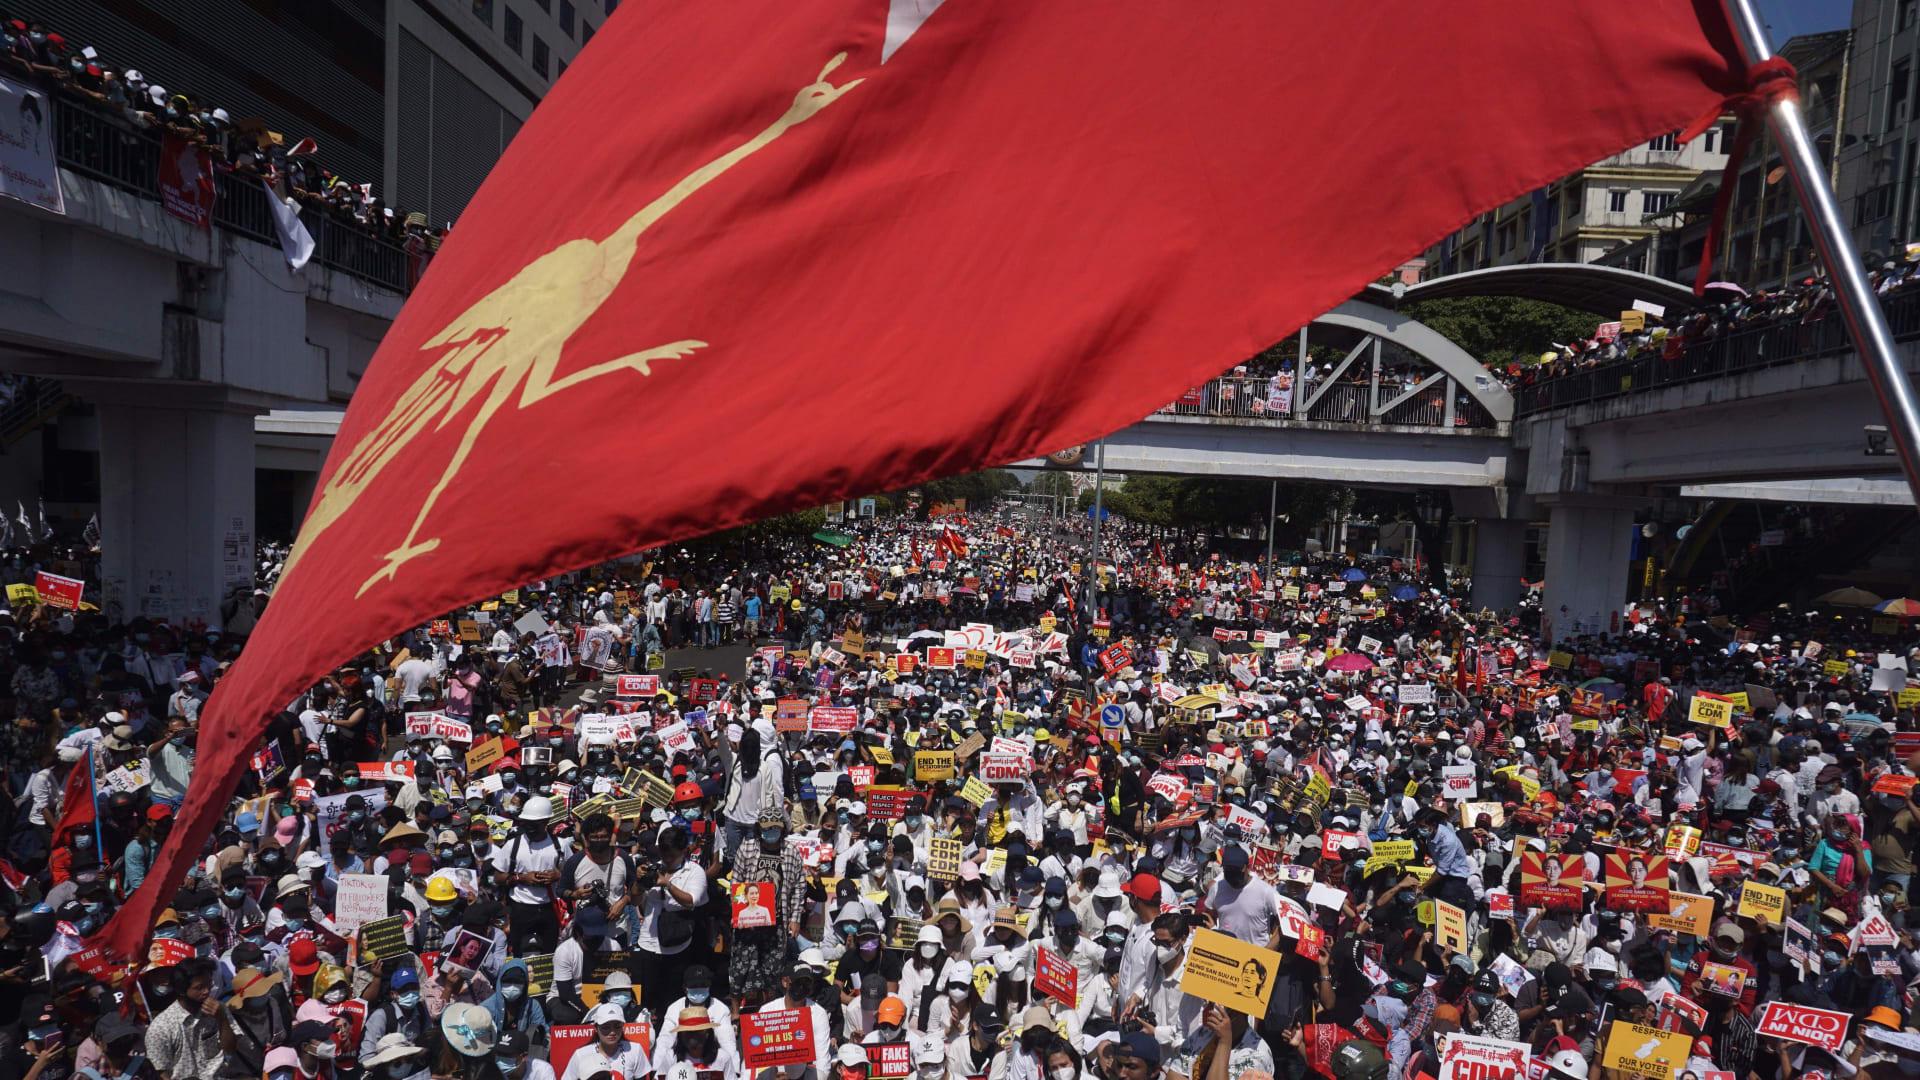 ميانمار على حافة الهاوية.. المتظاهرون يتمسكون بمواجهة الانقلاب العسكري ومخاوف من مذبحة